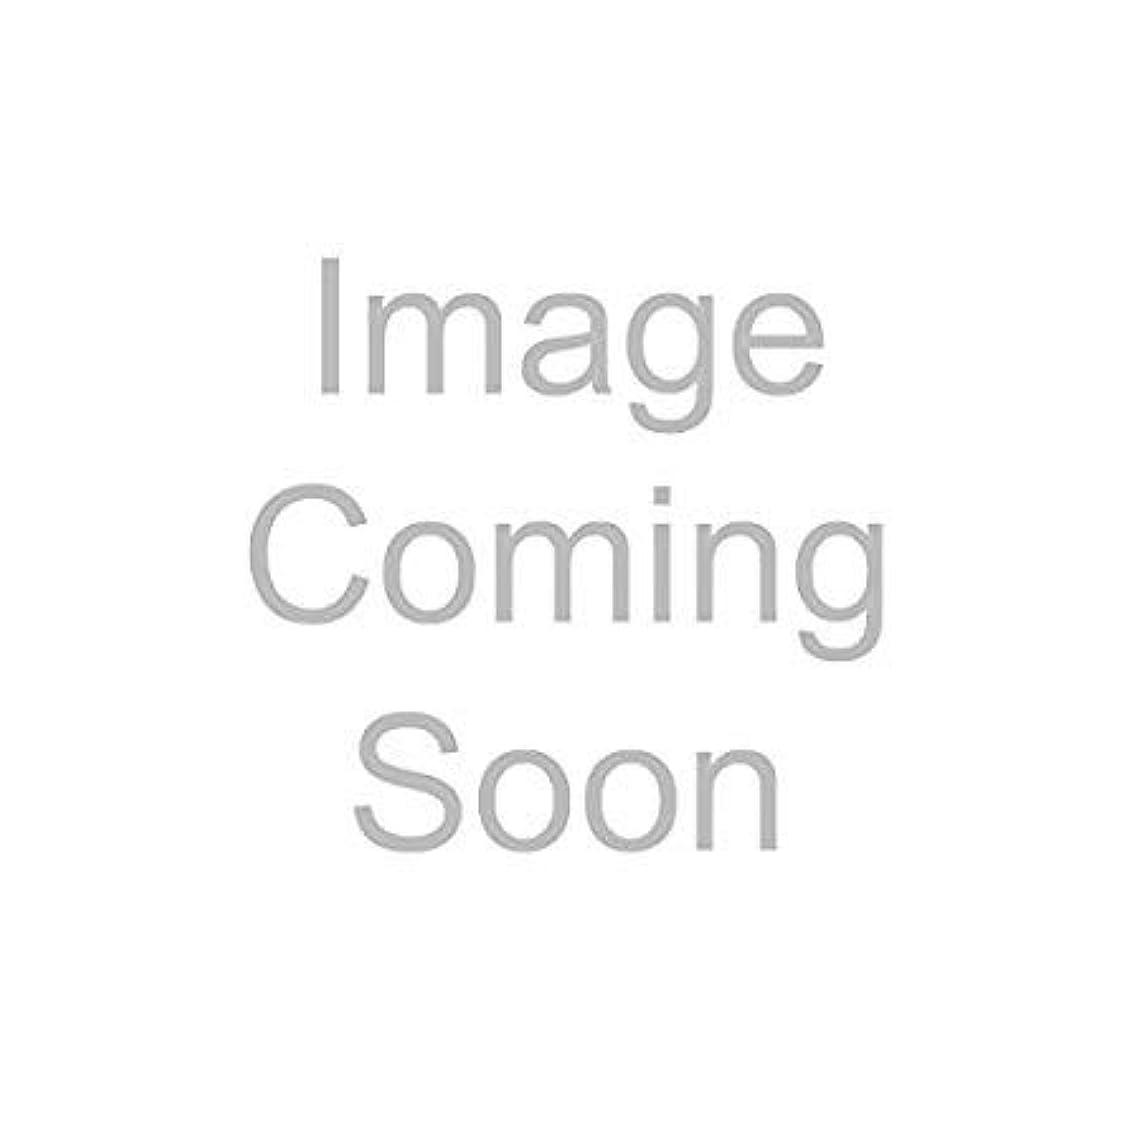 チャップ悪化する前提条件ミッレフィオーリ ナチュラル フレグランス ディフューザー リフィル - ホワイトムスク 250ml/8.45oz並行輸入品